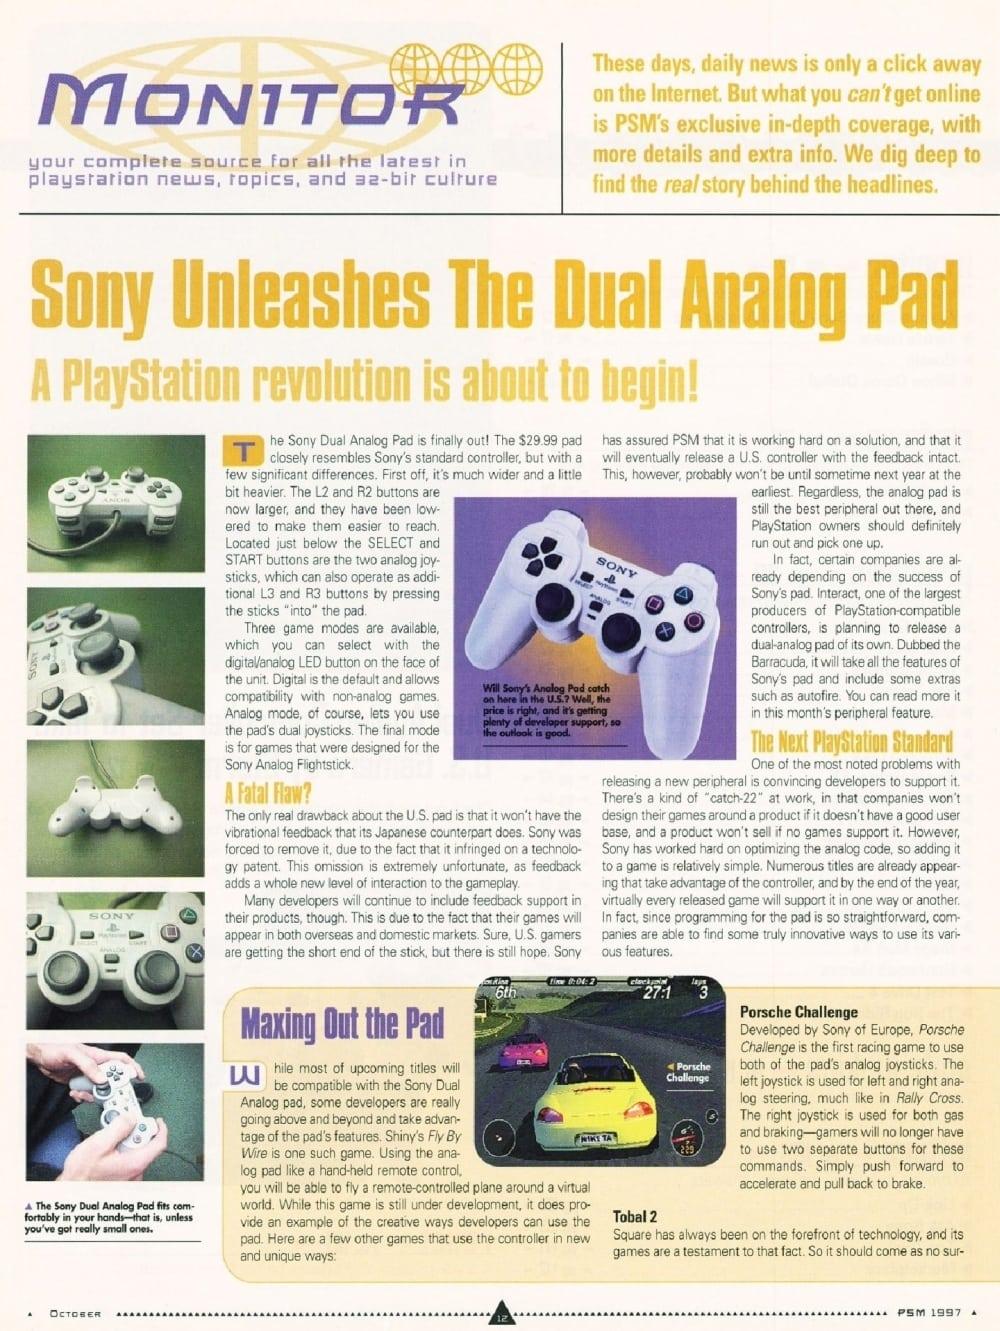 historia dual analog 10 - Historia kontrolerów PlayStation cz. III - Dual Analog i jego rywalizacja z padem od Nintendo 64